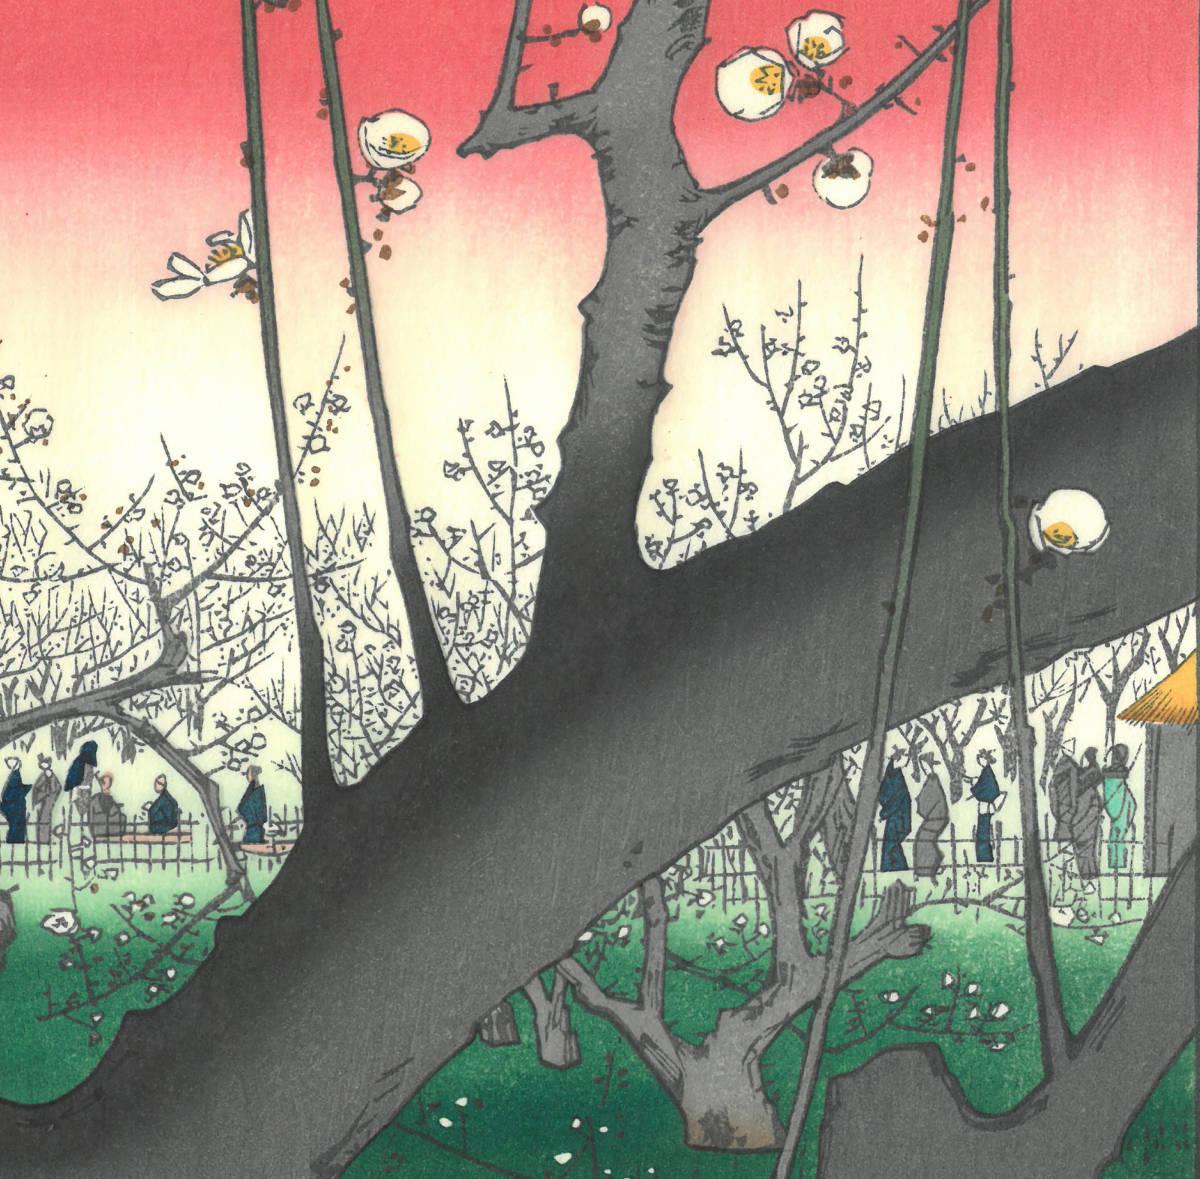 歌川広重 (Utagawa Hiroshige) 木版画 江戸百景 #30. 亀戸梅屋舗 初版1856-58年頃 広重の木版画の真の素晴らしさをご堪能下さい!_画像9